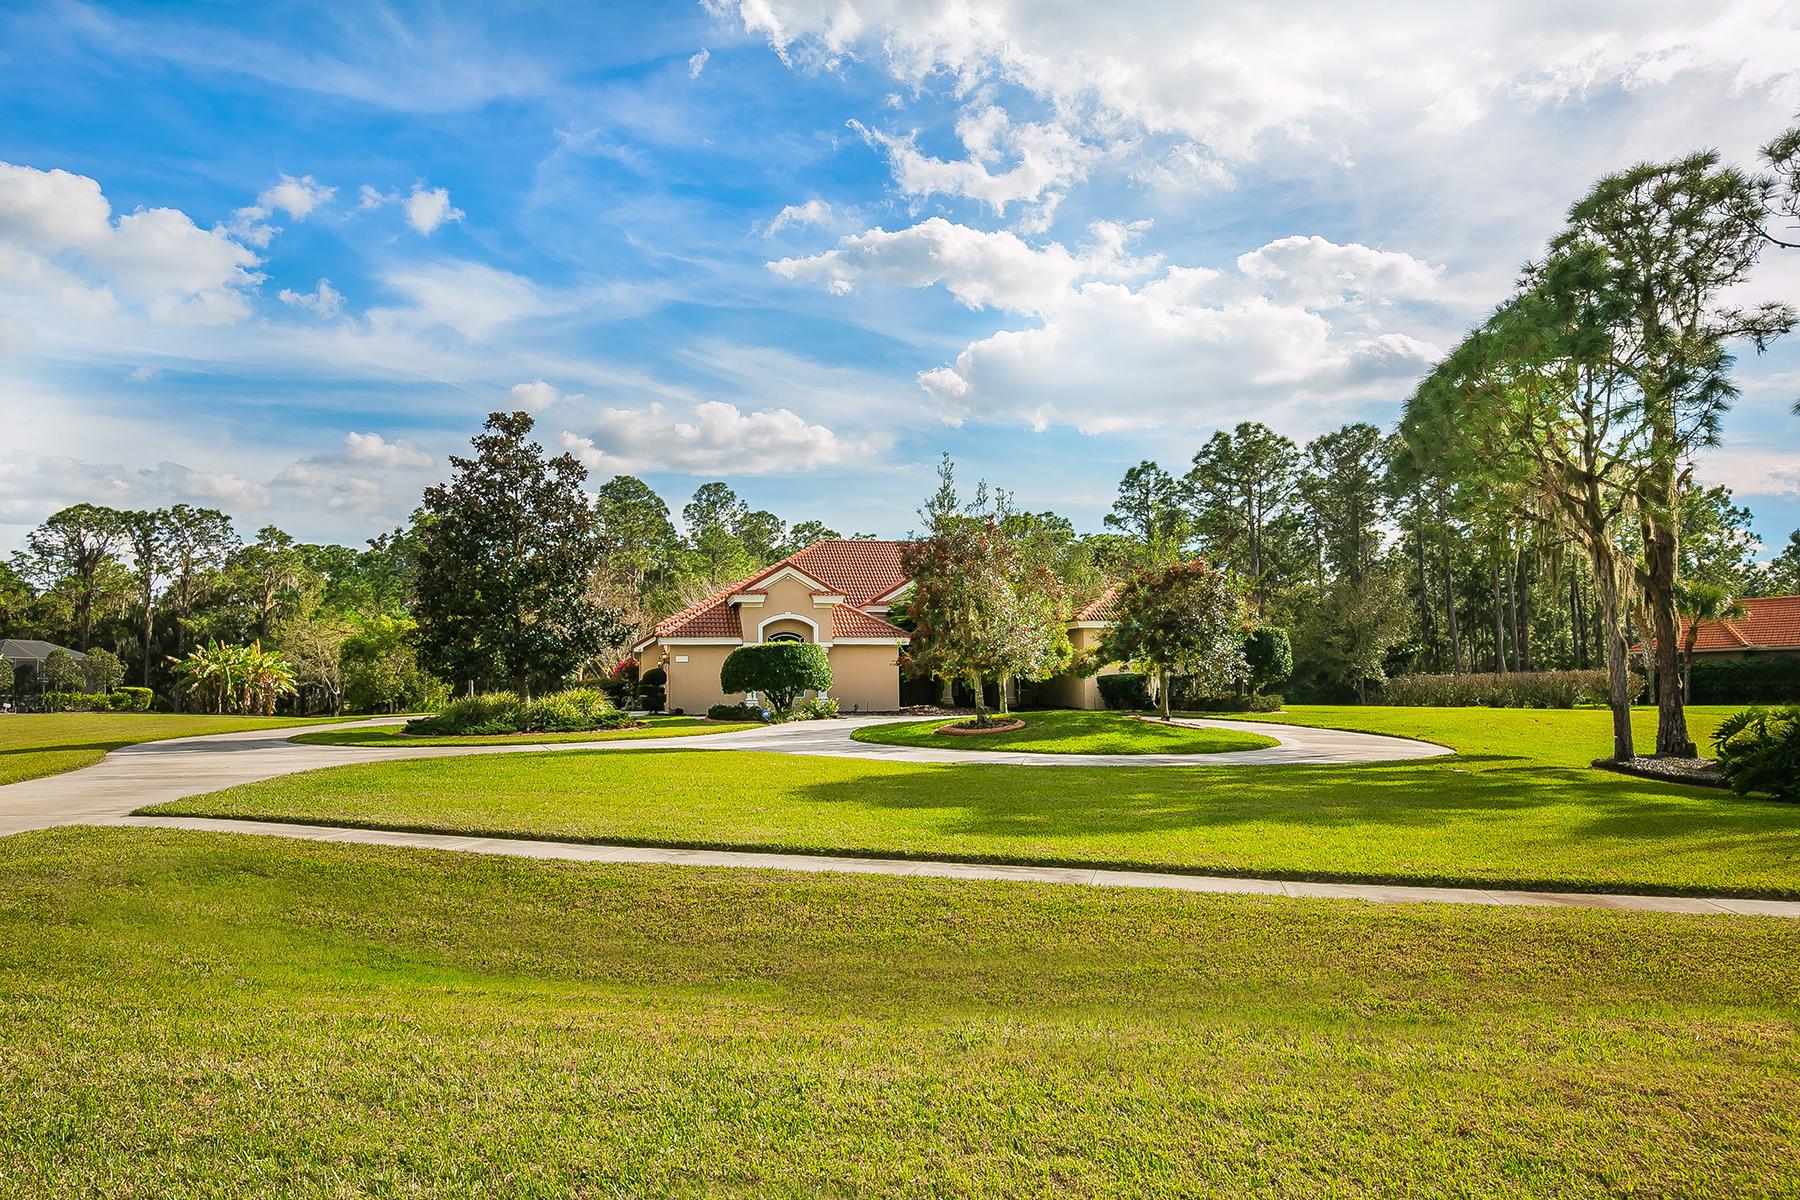 Casa Unifamiliar por un Venta en PANTHER RIDGE 21808 Deer Pointe Bradenton, Florida, 34202 Estados Unidos